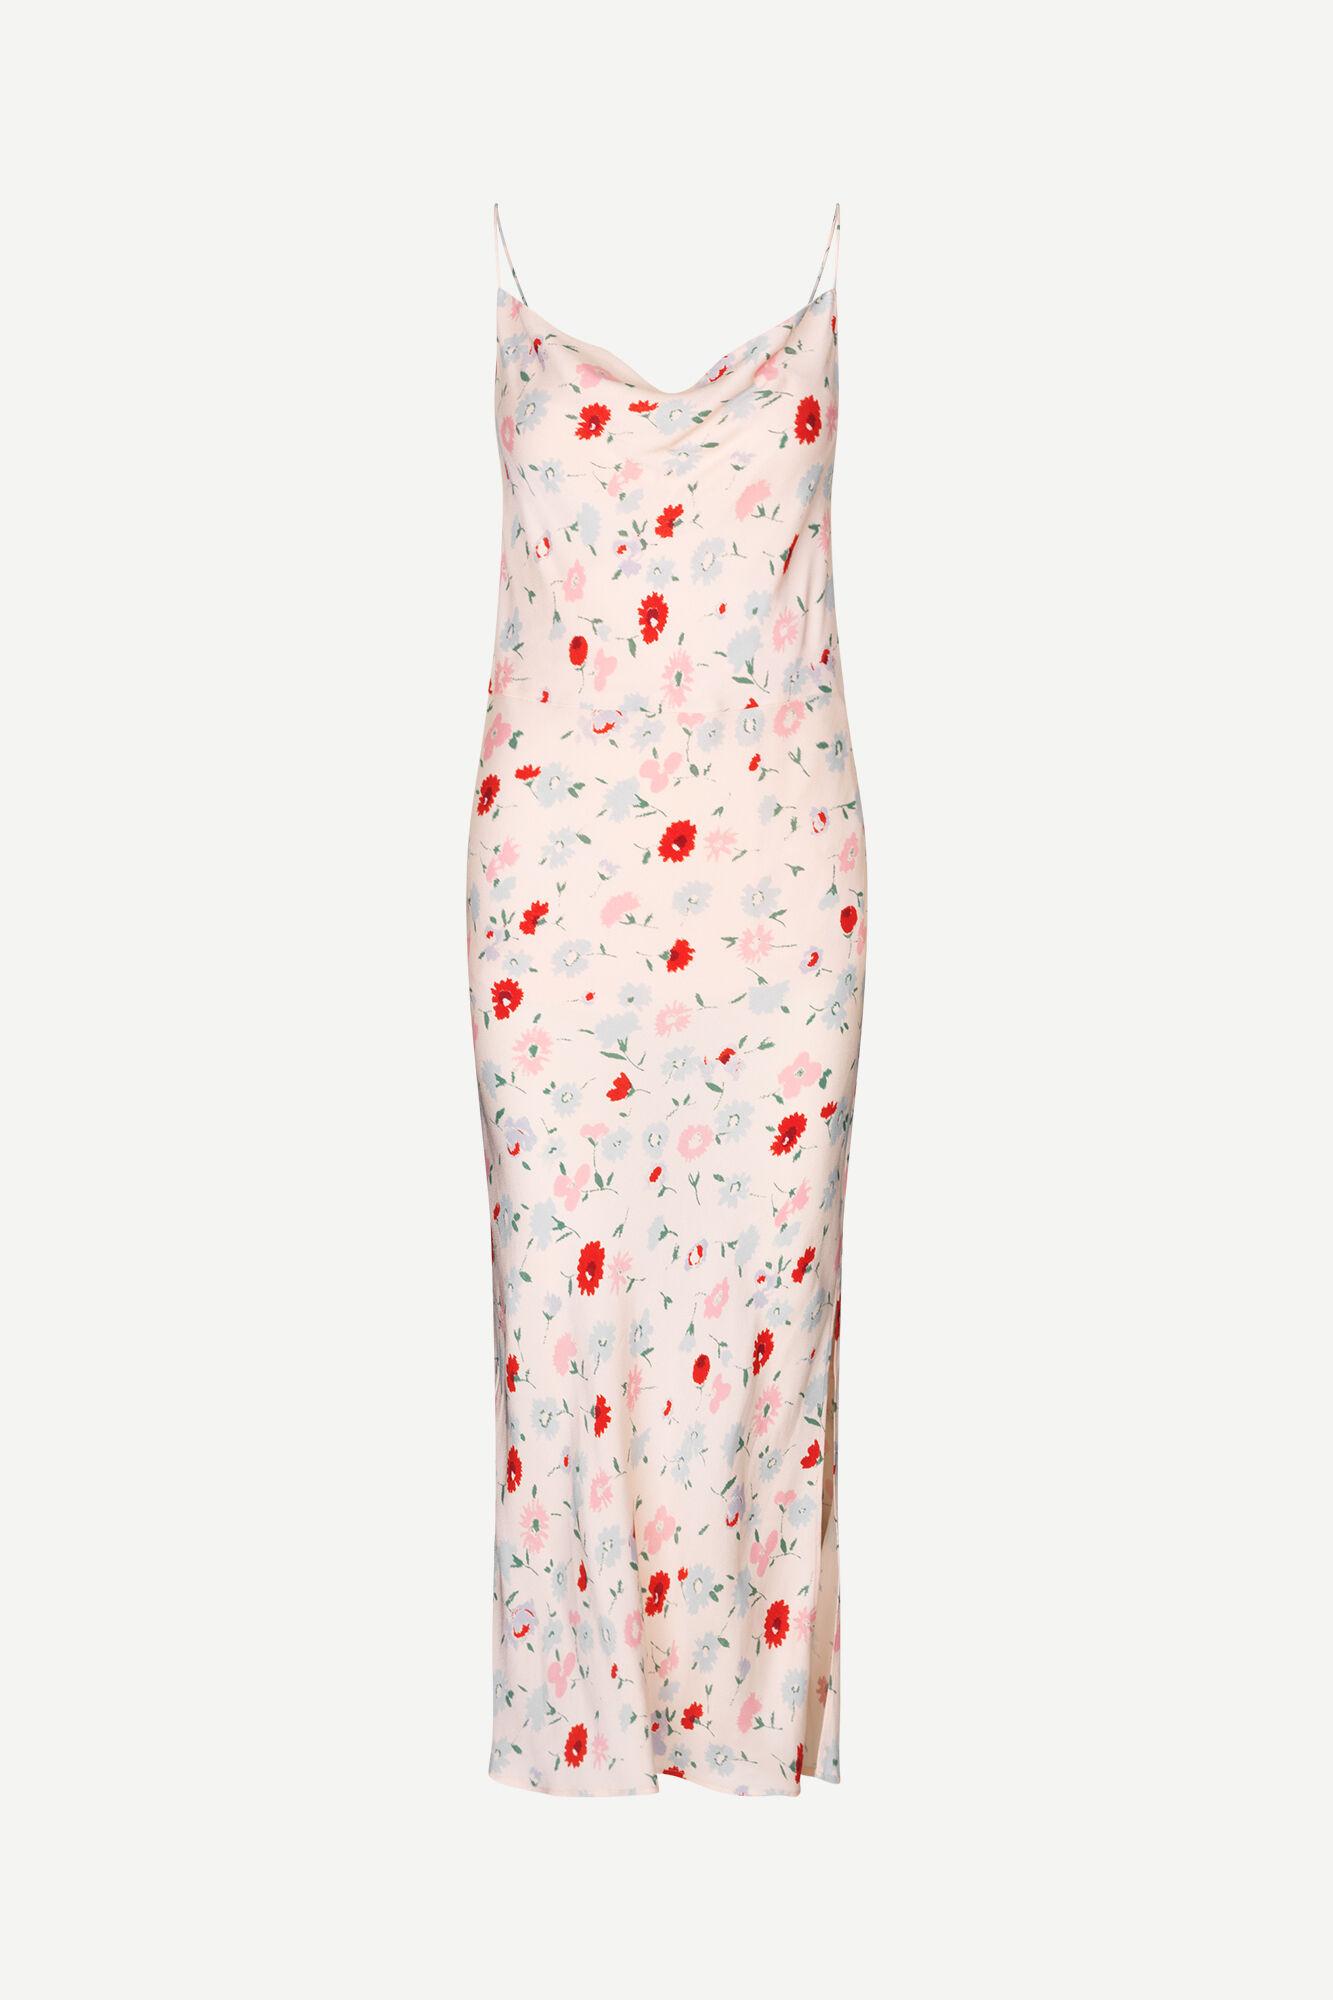 Picture of Samsoe Samsoe | Apples Dress